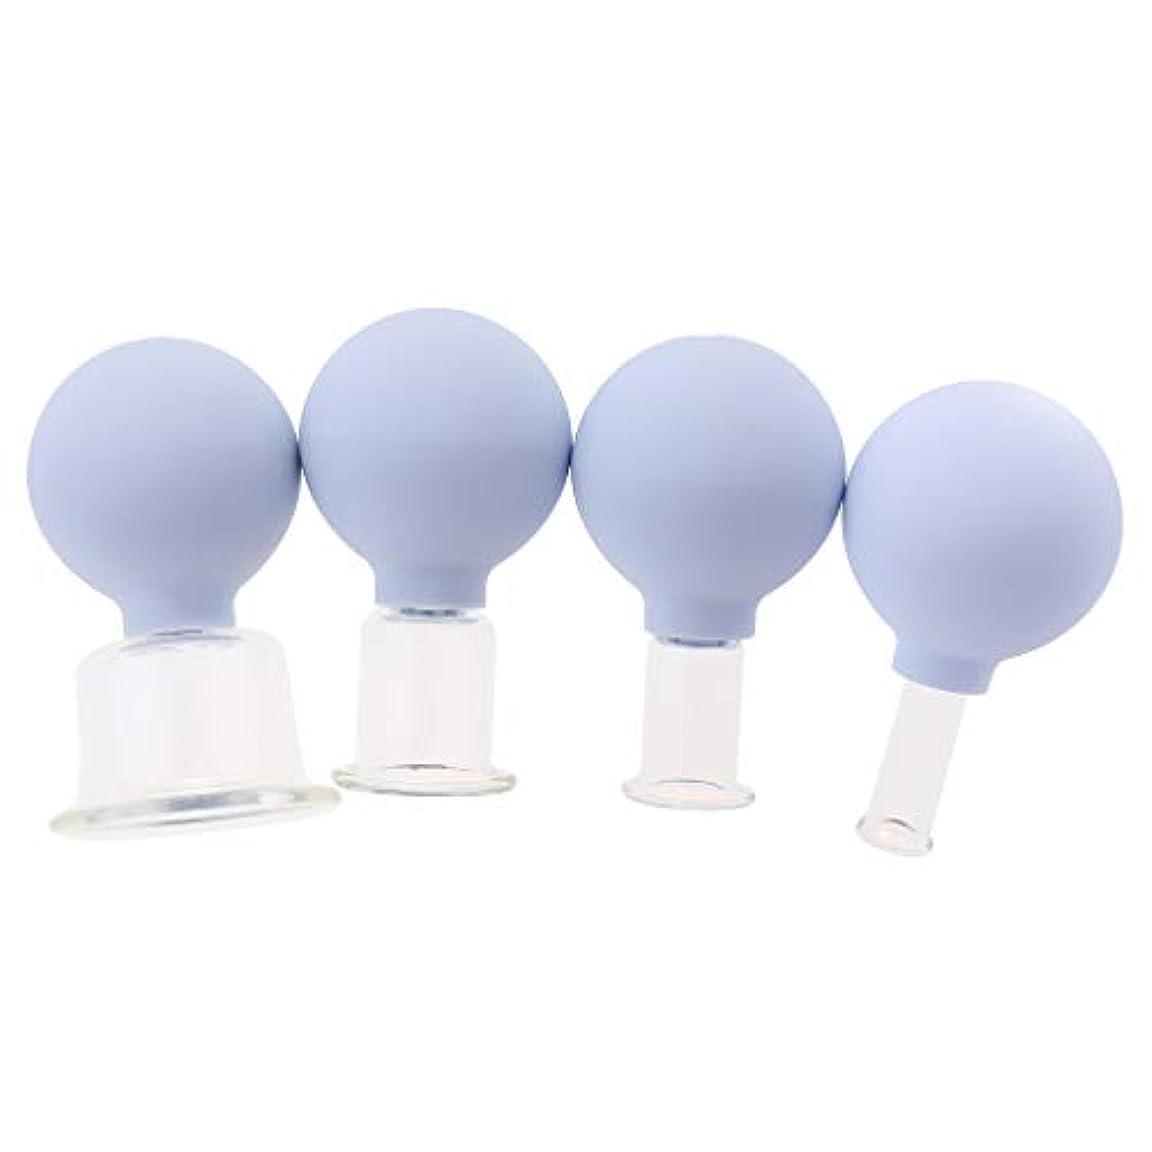 異常な区別するカナダFenteer ガラスカッピング マッサージ 吸い玉 真空 マッサージカップ 男女兼用 全身マッサージ用 4個 全3色 - 白